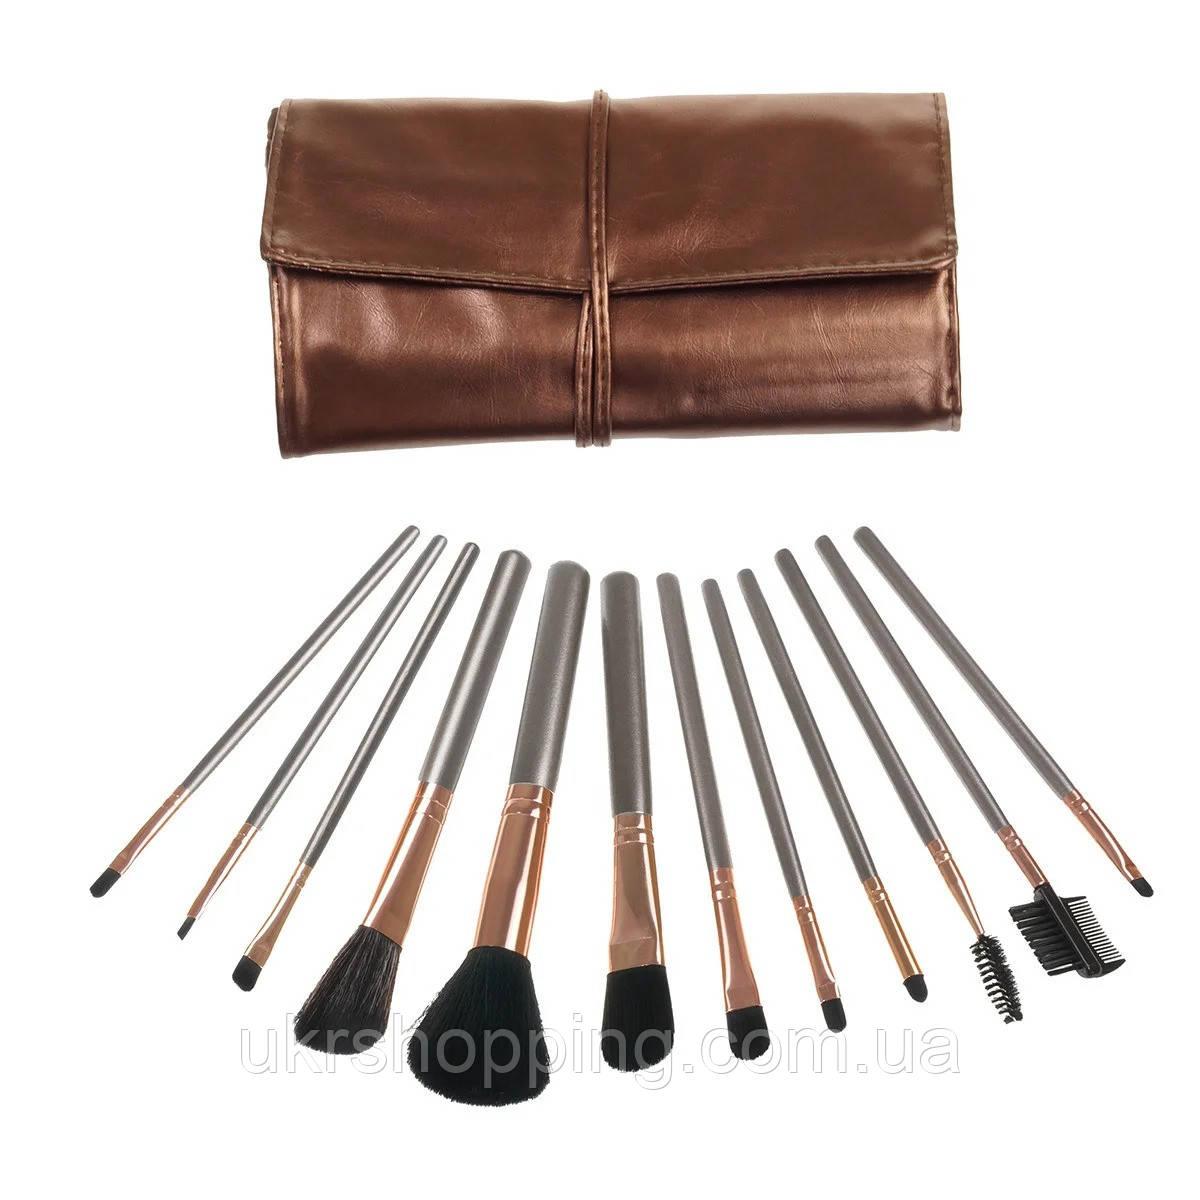 Набор кистей (кисточек) для макияжа в чехле (12 шт) кисти для макияжа (пензлі для макіяжу)